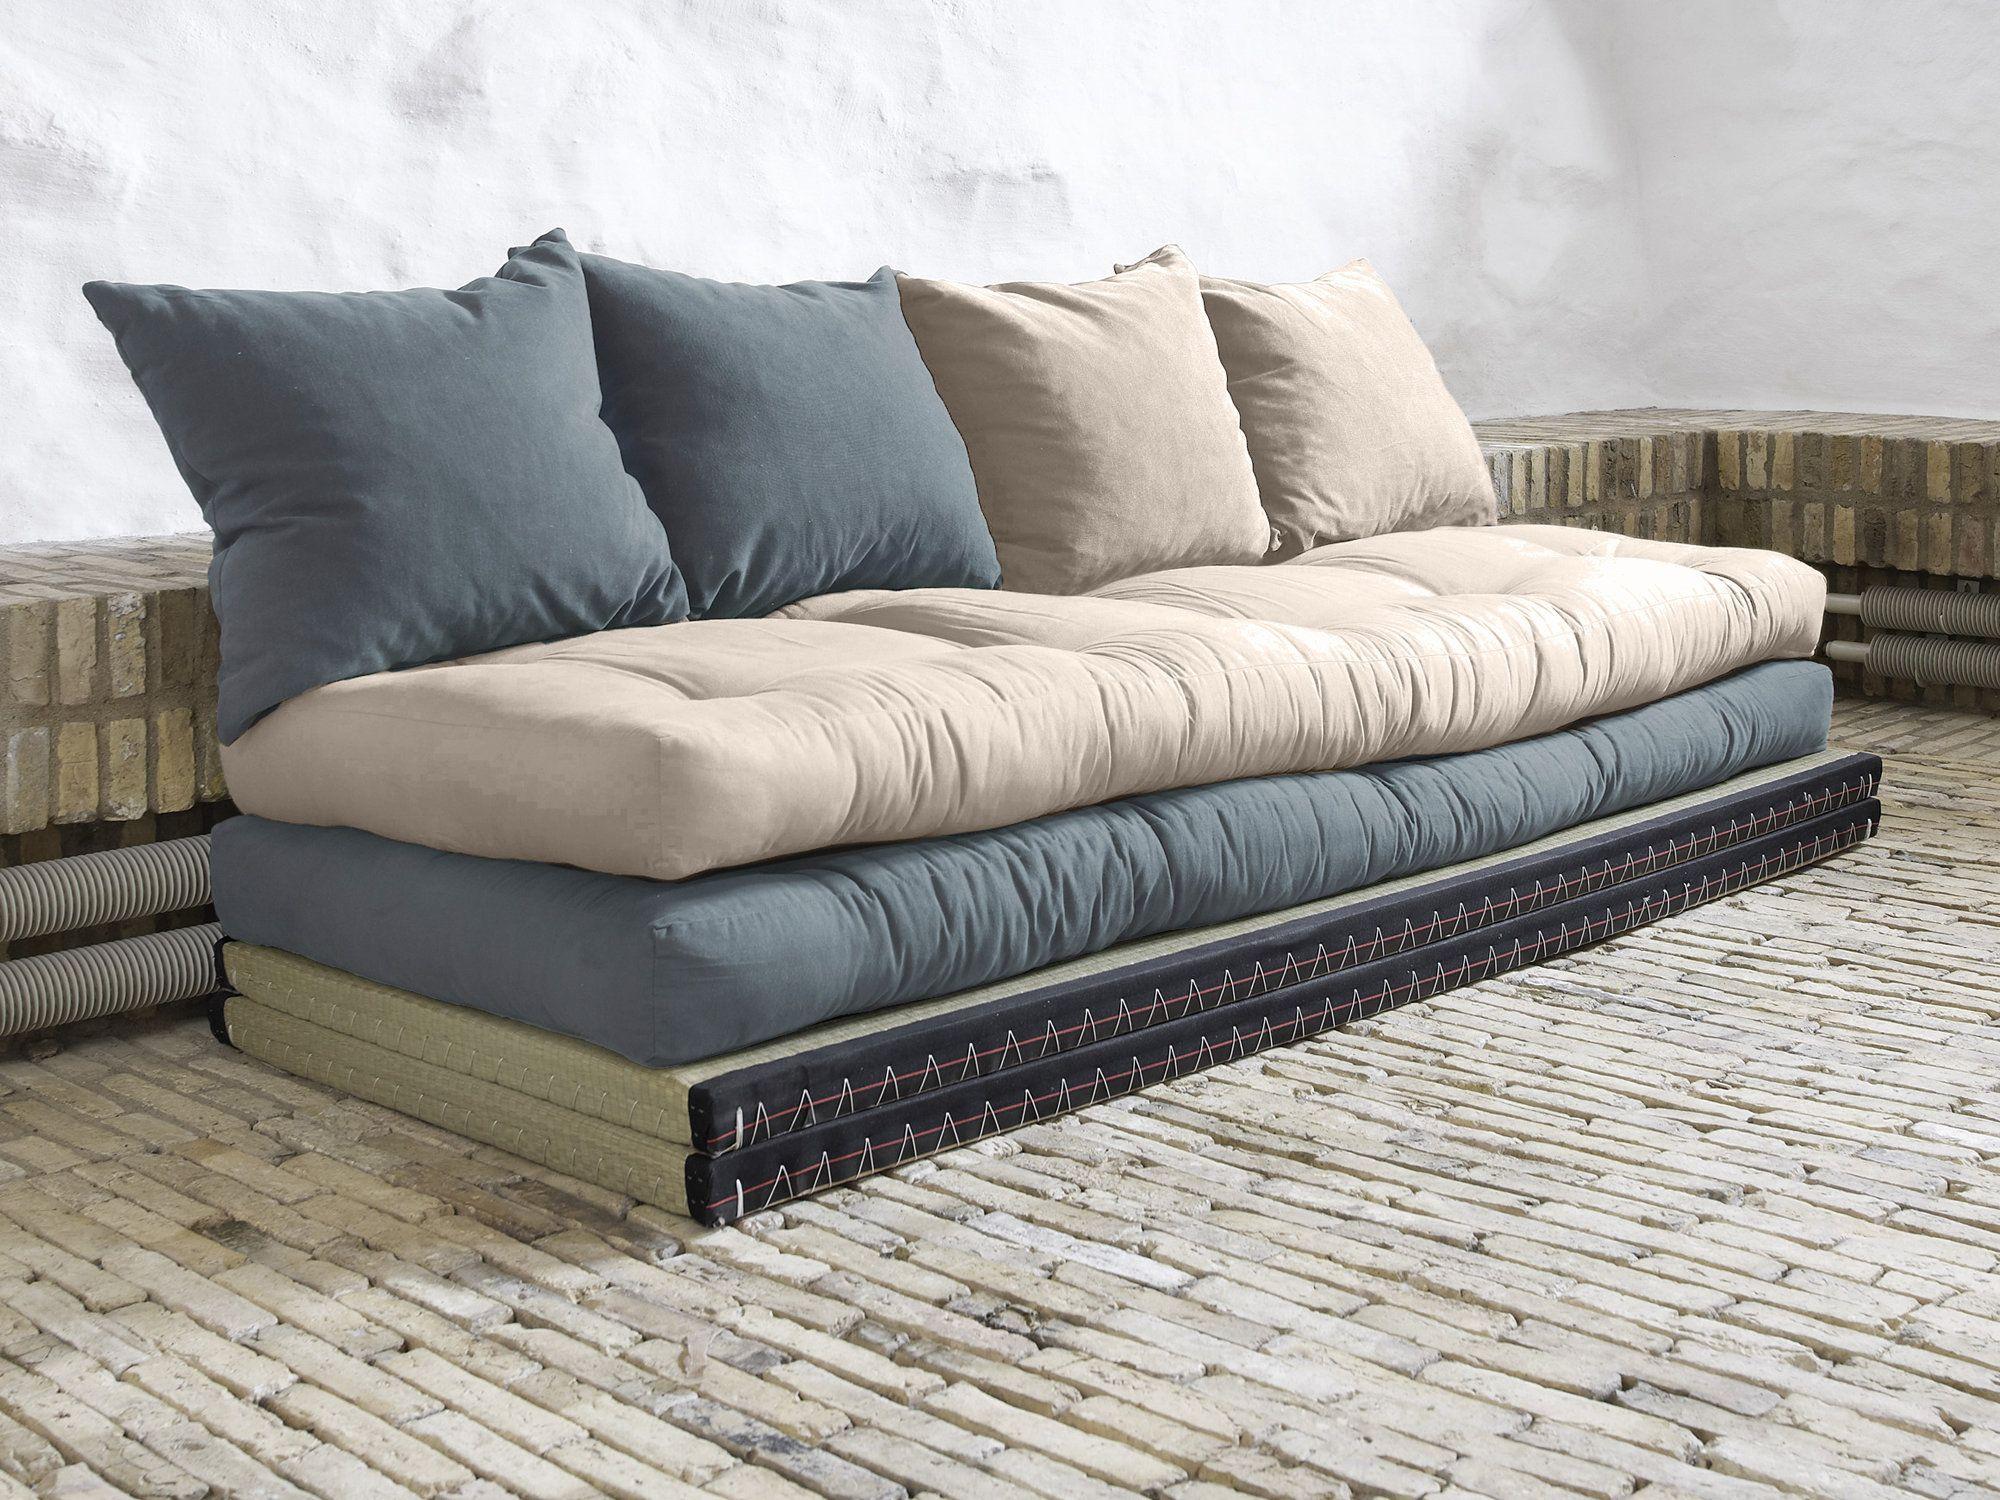 canap   modulable et convertible avec futons et tatamis chico sofa gris clair beige canap   modulable et convertible avec futons et tatamis chico sofa      rh   pinterest